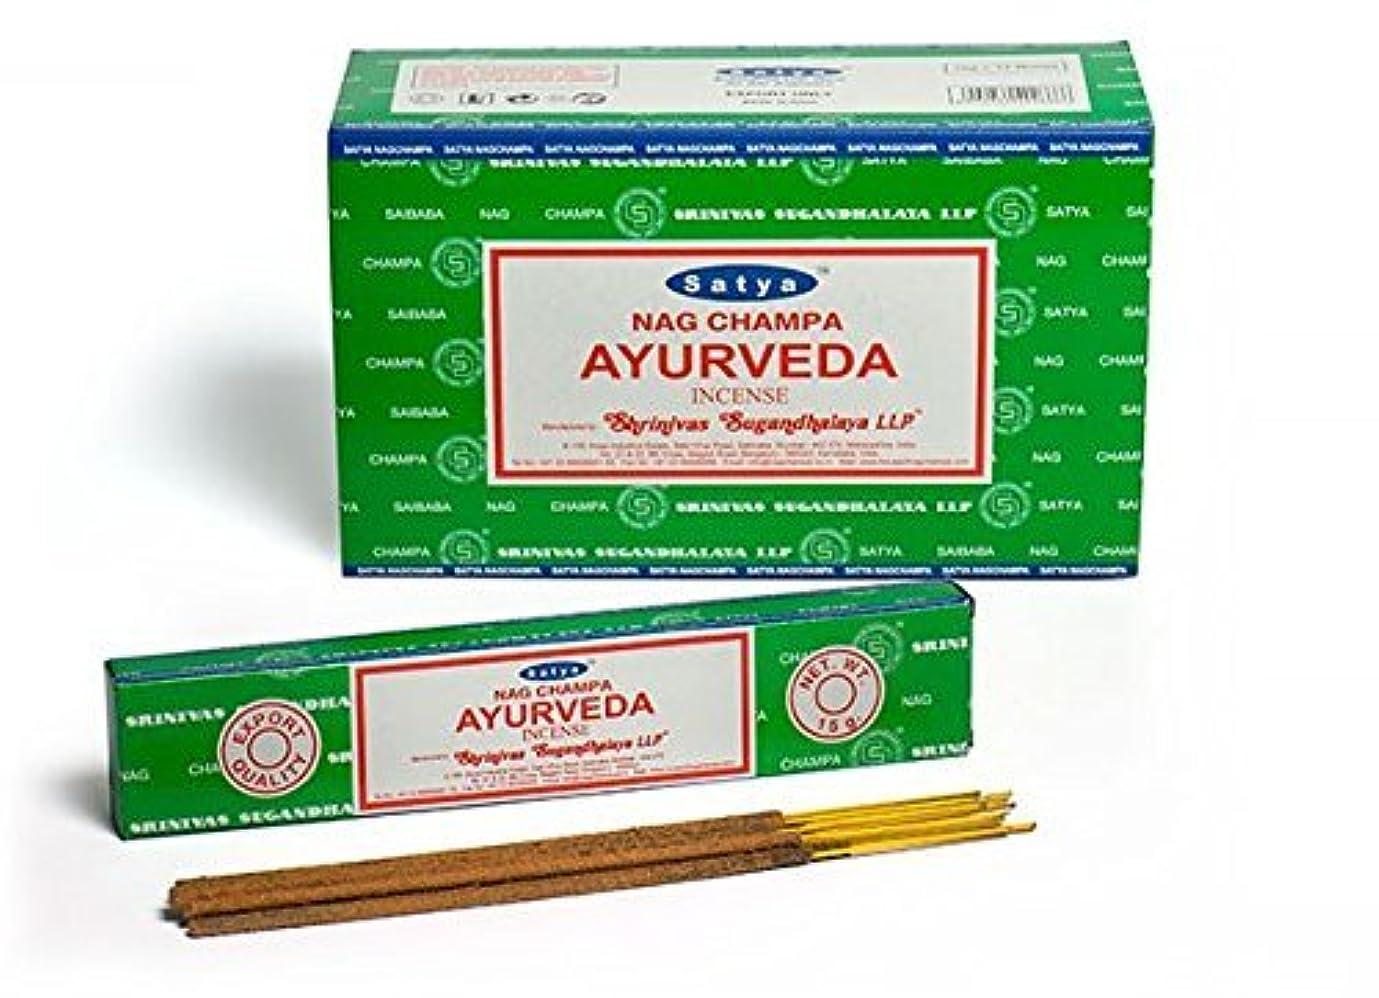 ブラインドスパイラル拡散するBuycrafty Satya Champa Ayurveda Incense Stick,180 Grams Box (15g x 12 Boxes)